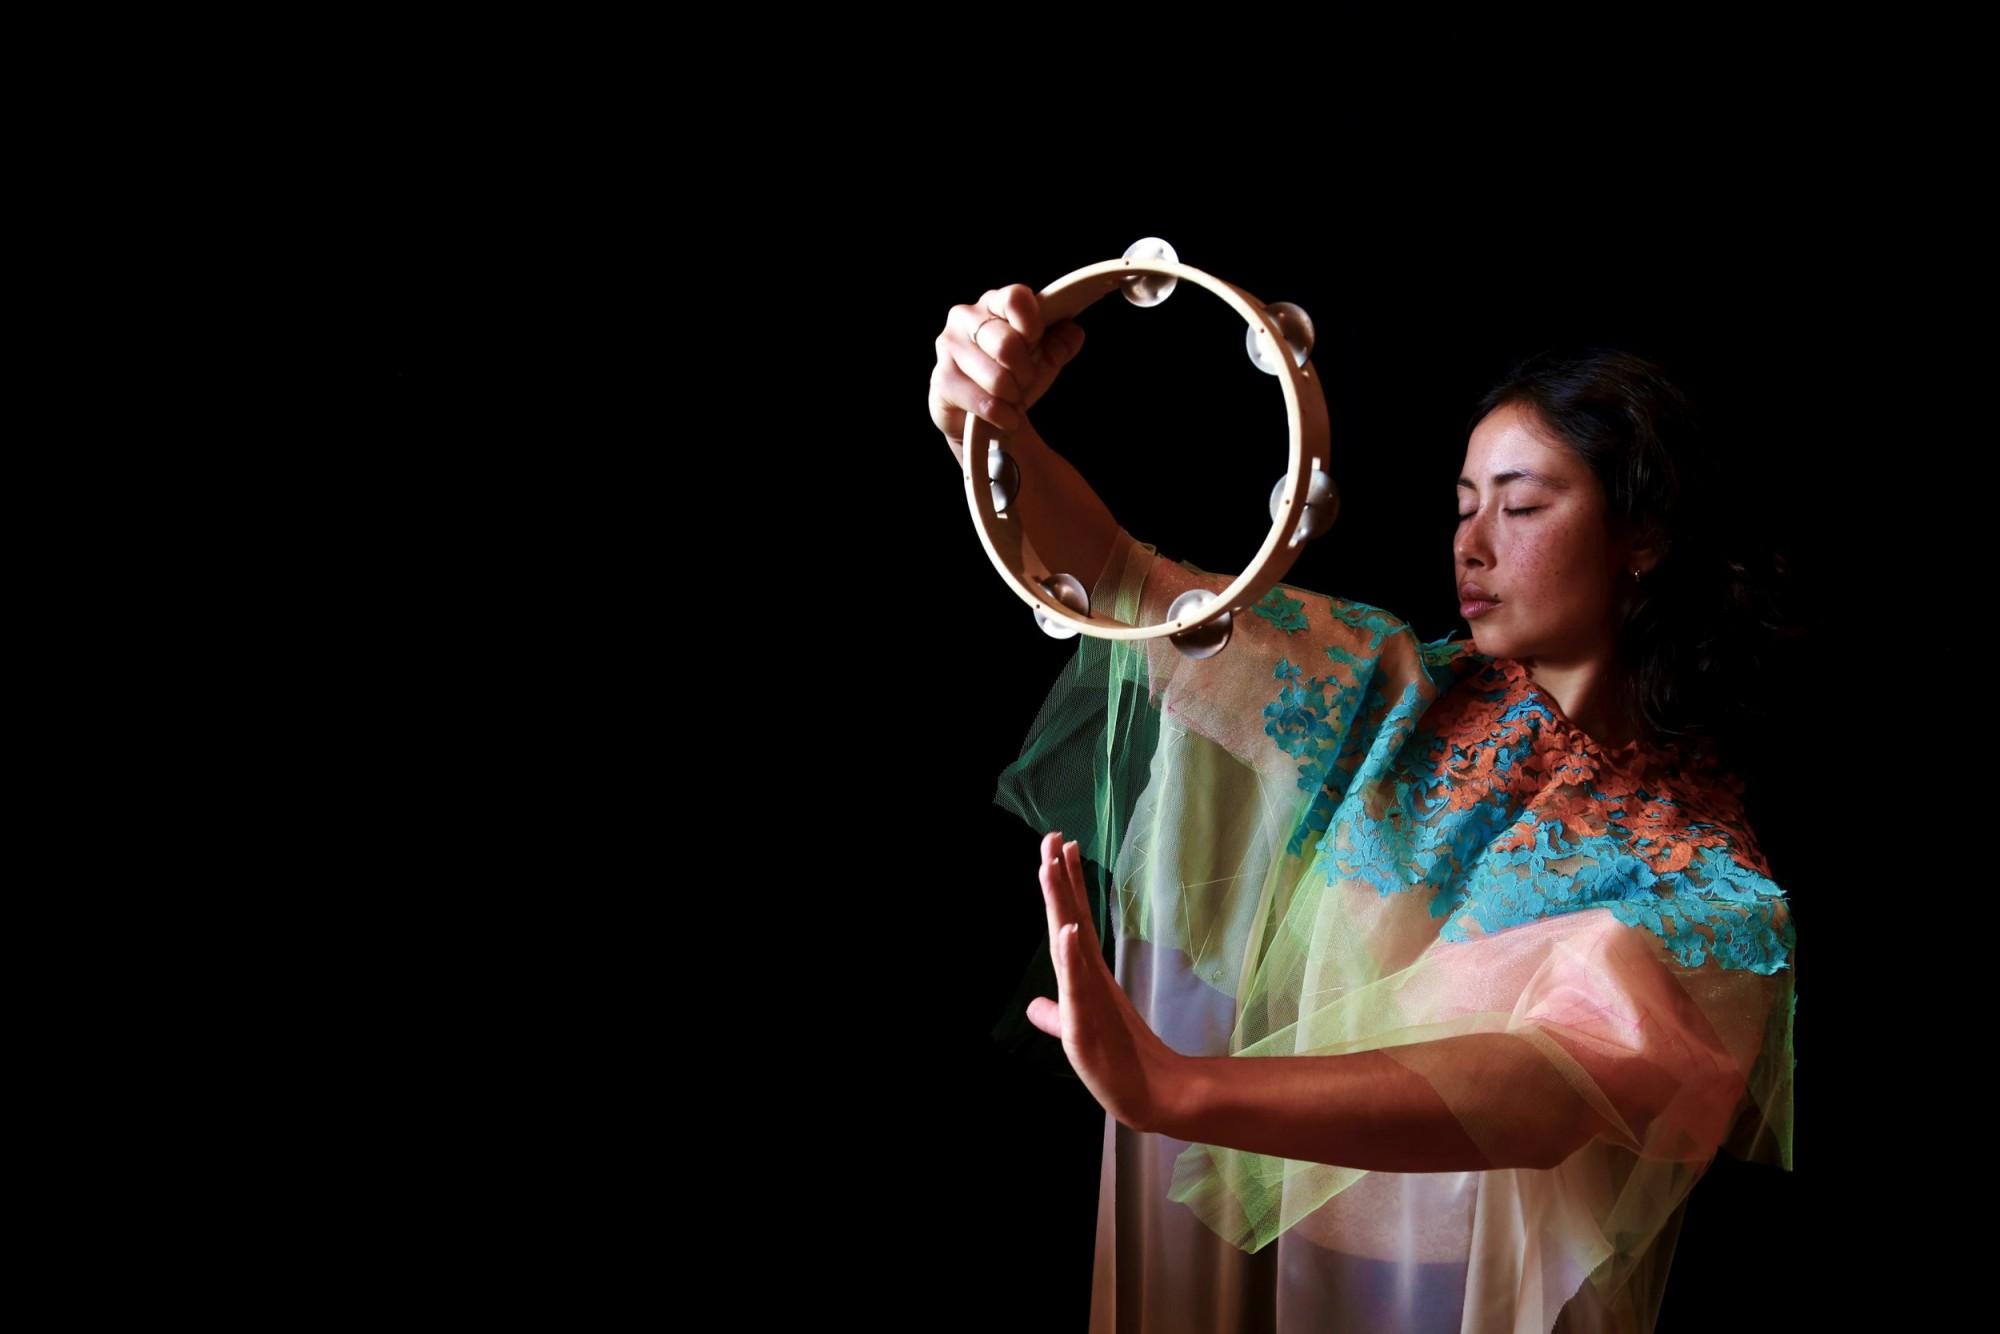 'Siren Dance' (2019), Lilian Steiner.